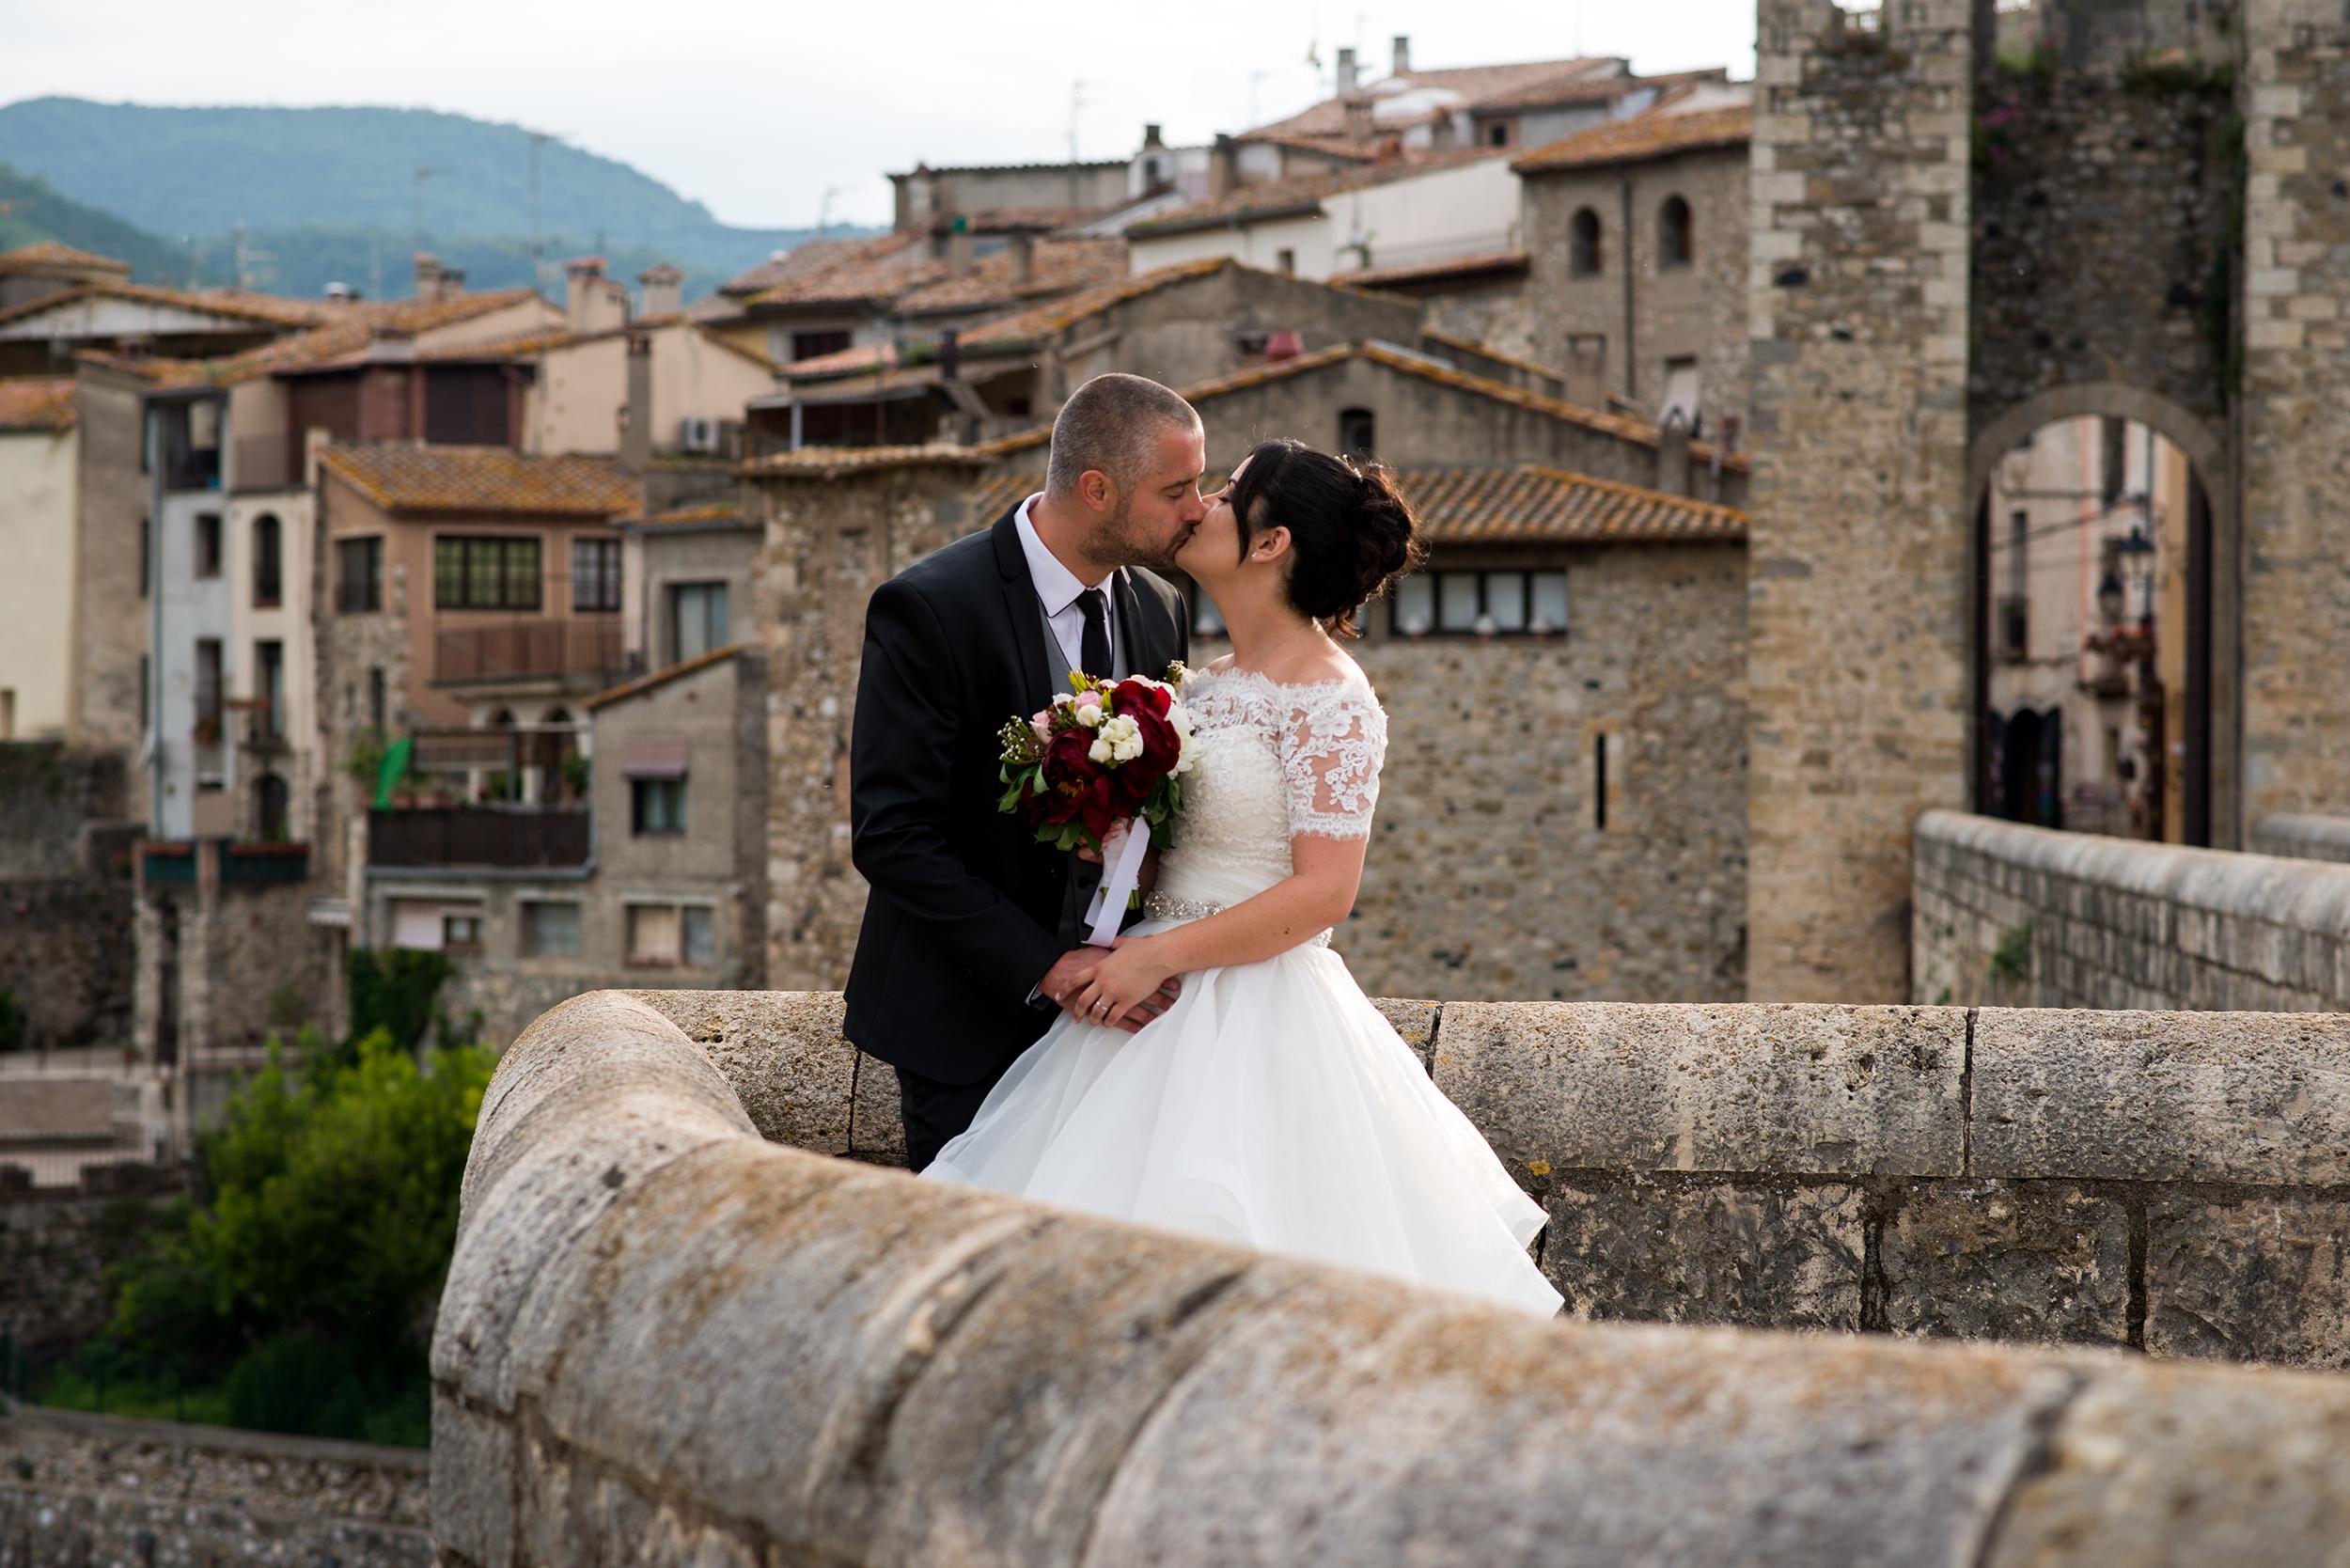 Boda realizada en Castellfollit de la Roca y en el Hotel restaurante L'Arcada de Fares en la Garrotxa